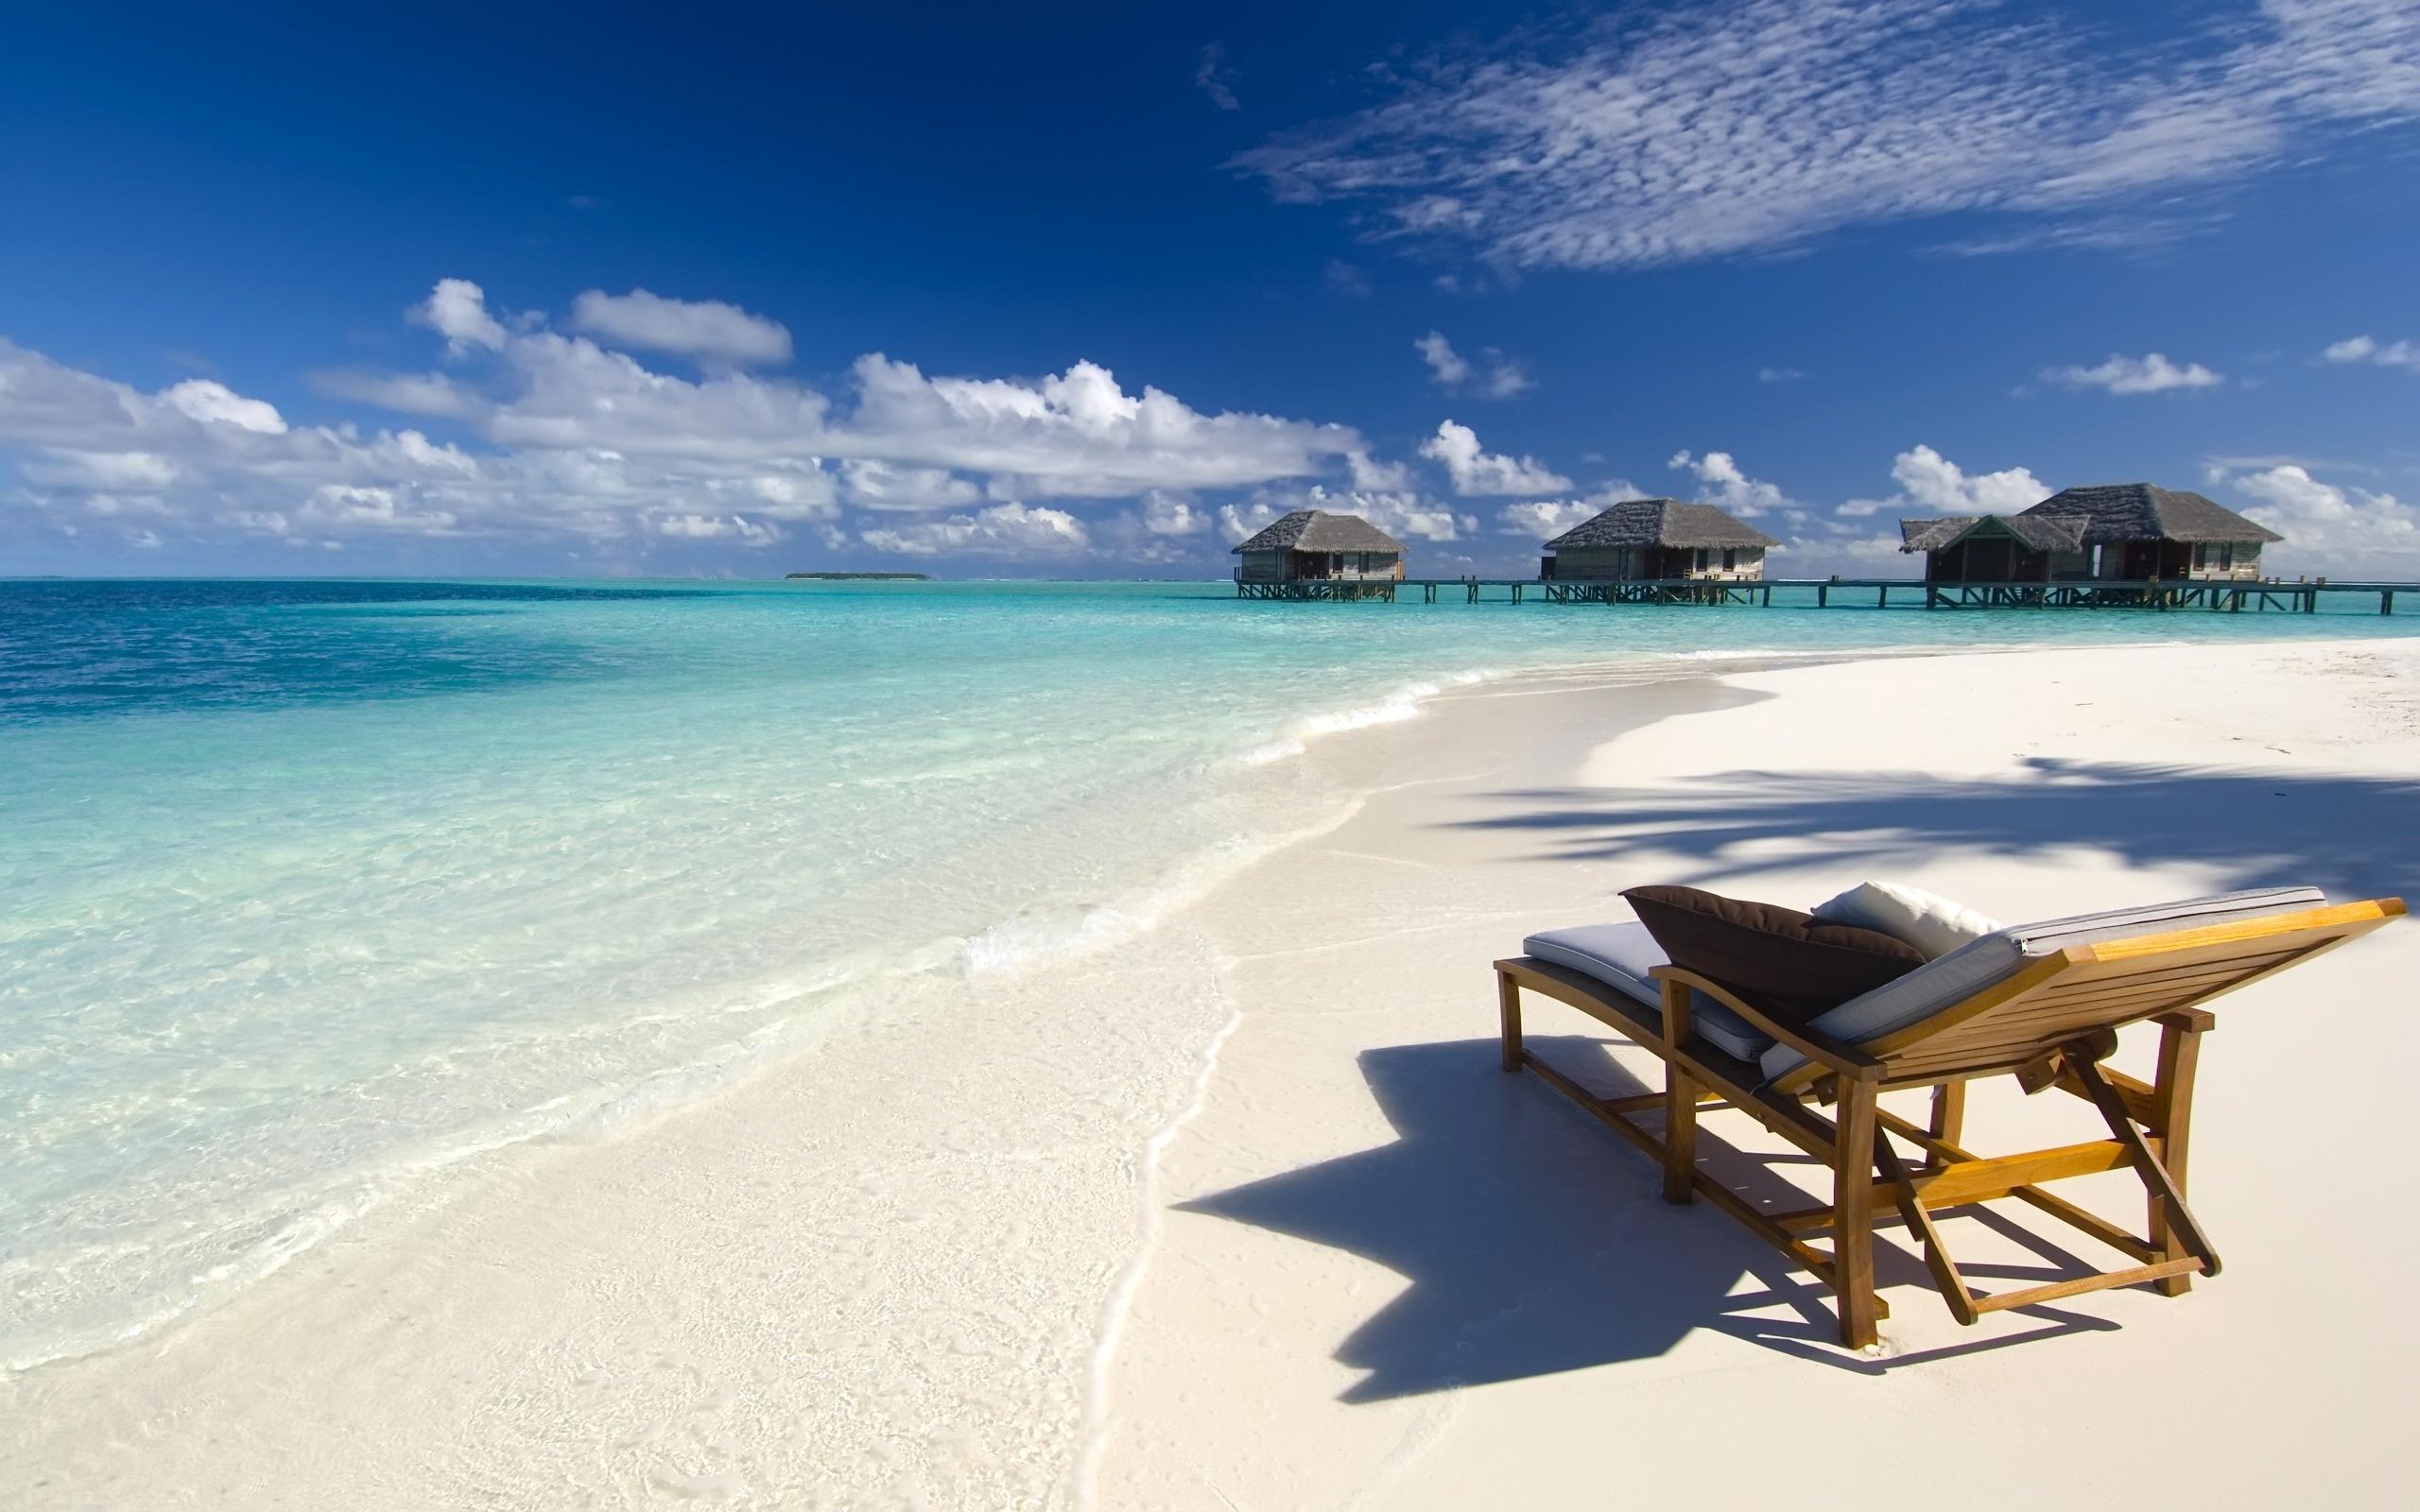 Conrad Maldives - طبیعت کنار ساحل